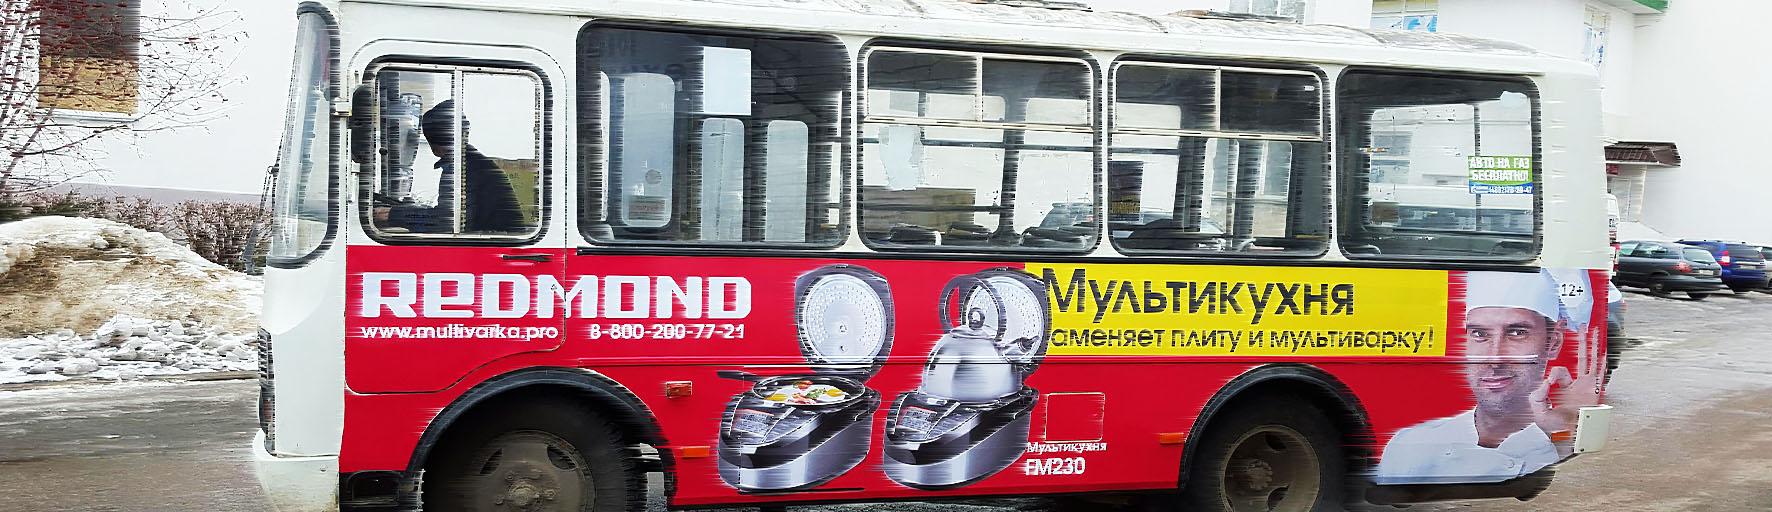 Размещение рекламы на транспорте Ингушетия